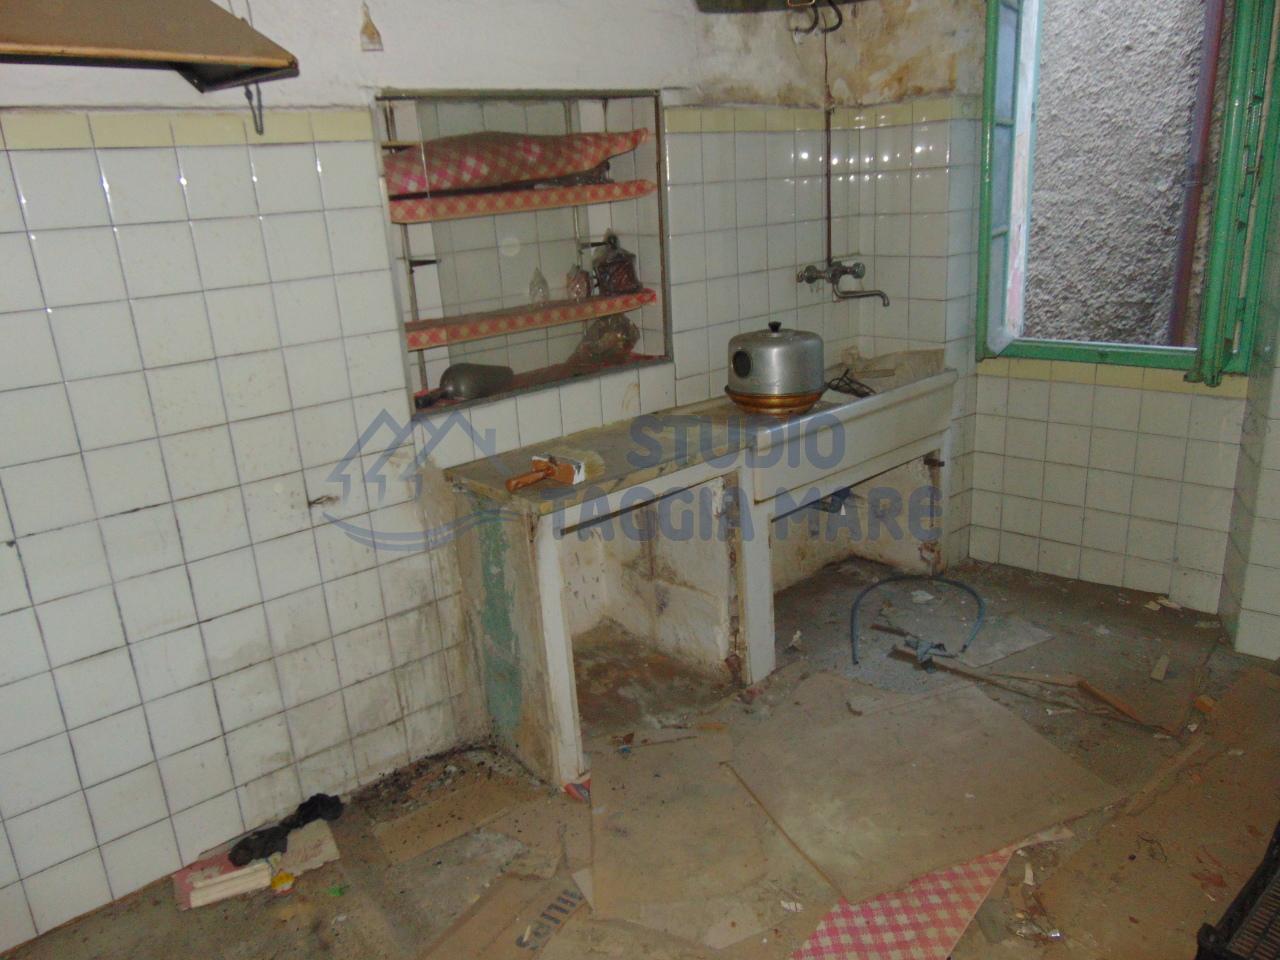 Appartamento in vendita a Badalucco, 2 locali, prezzo € 25.000 | Cambio Casa.it